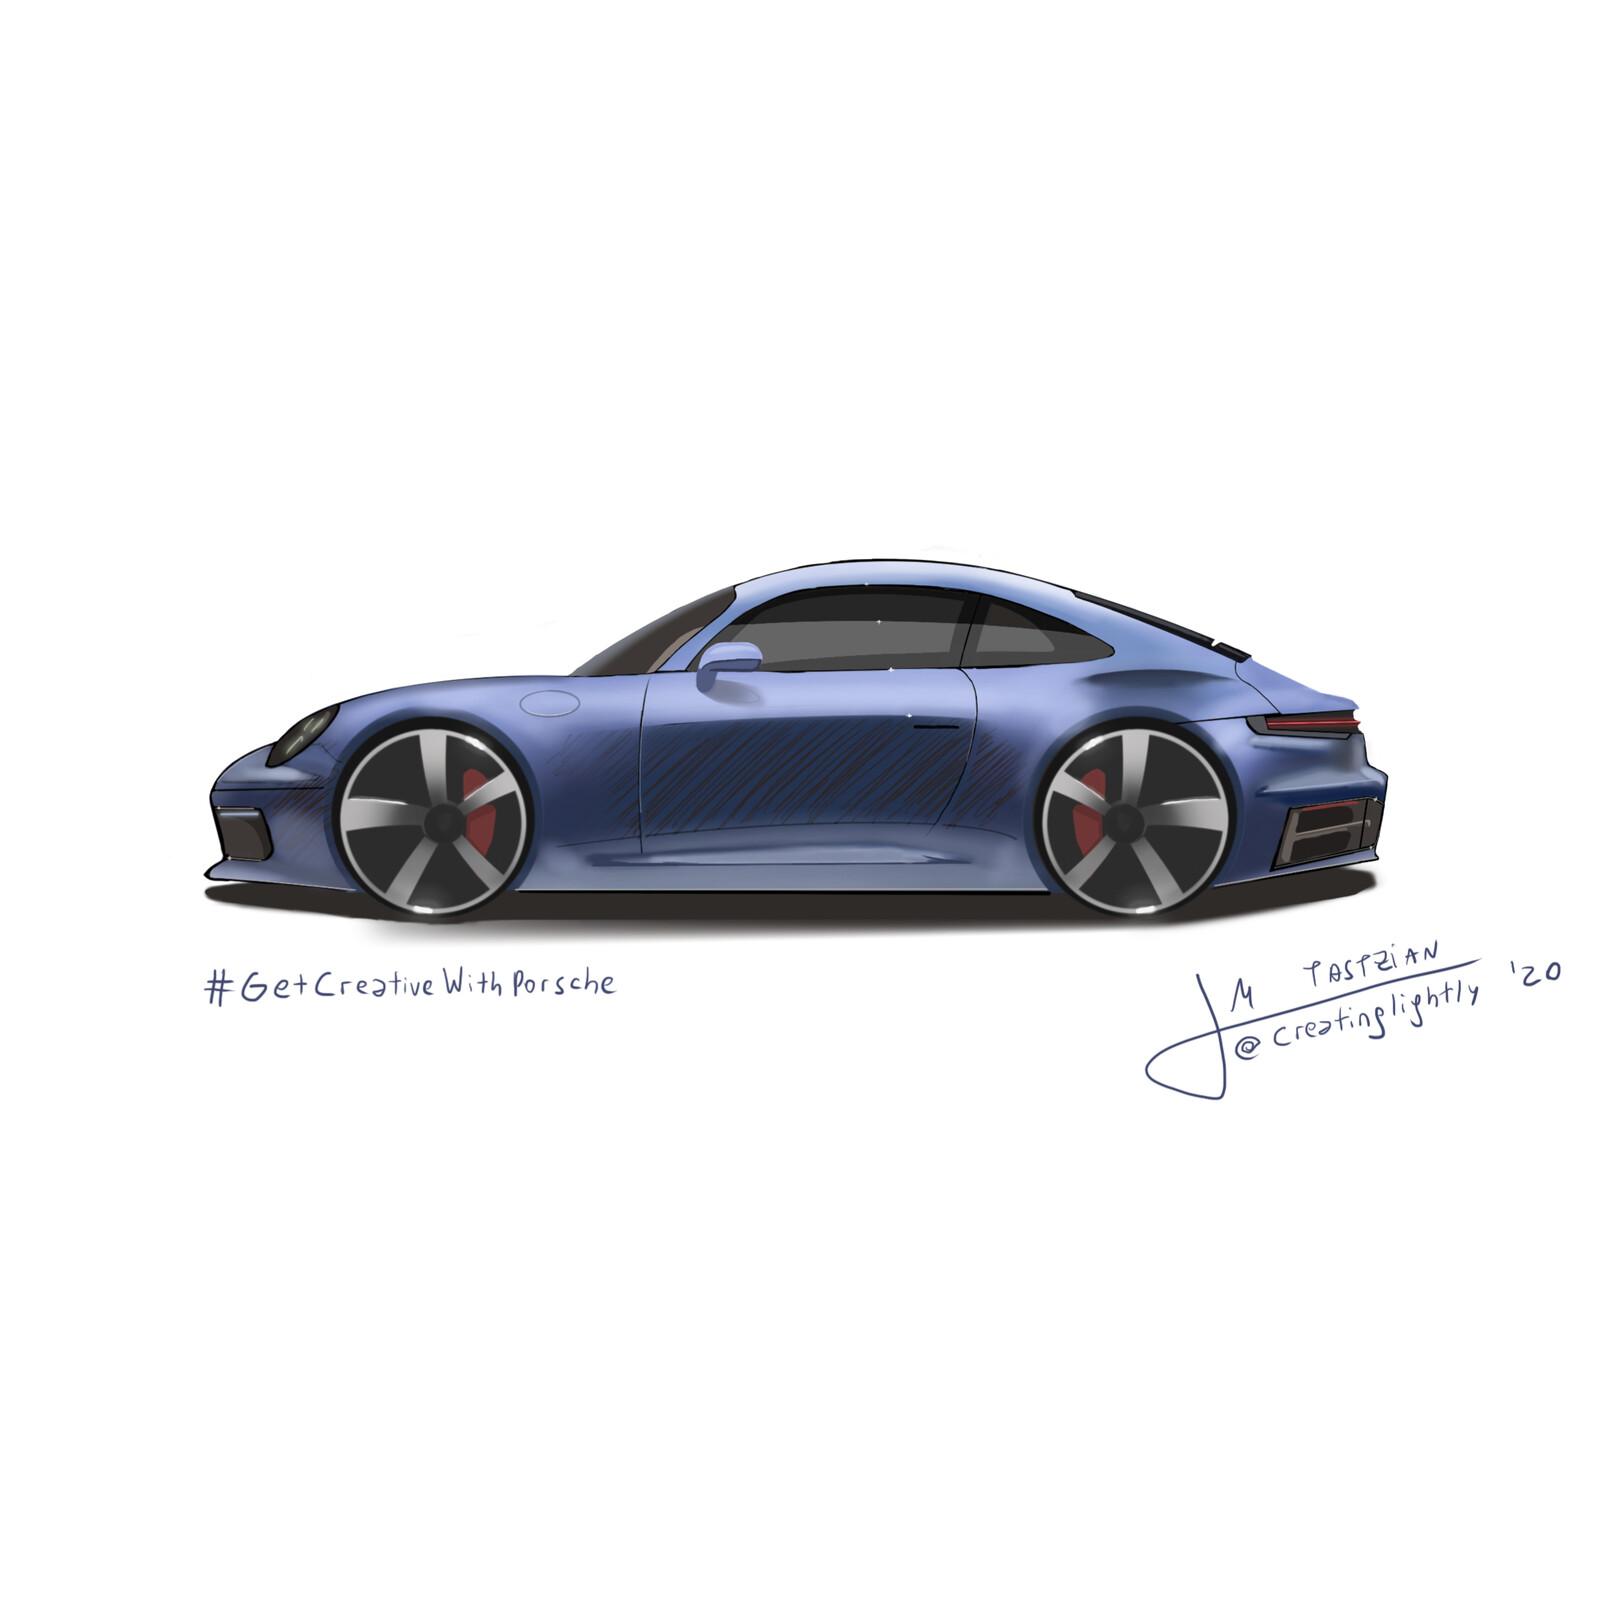 #GetCreativeWithPorsche - Porsche 911